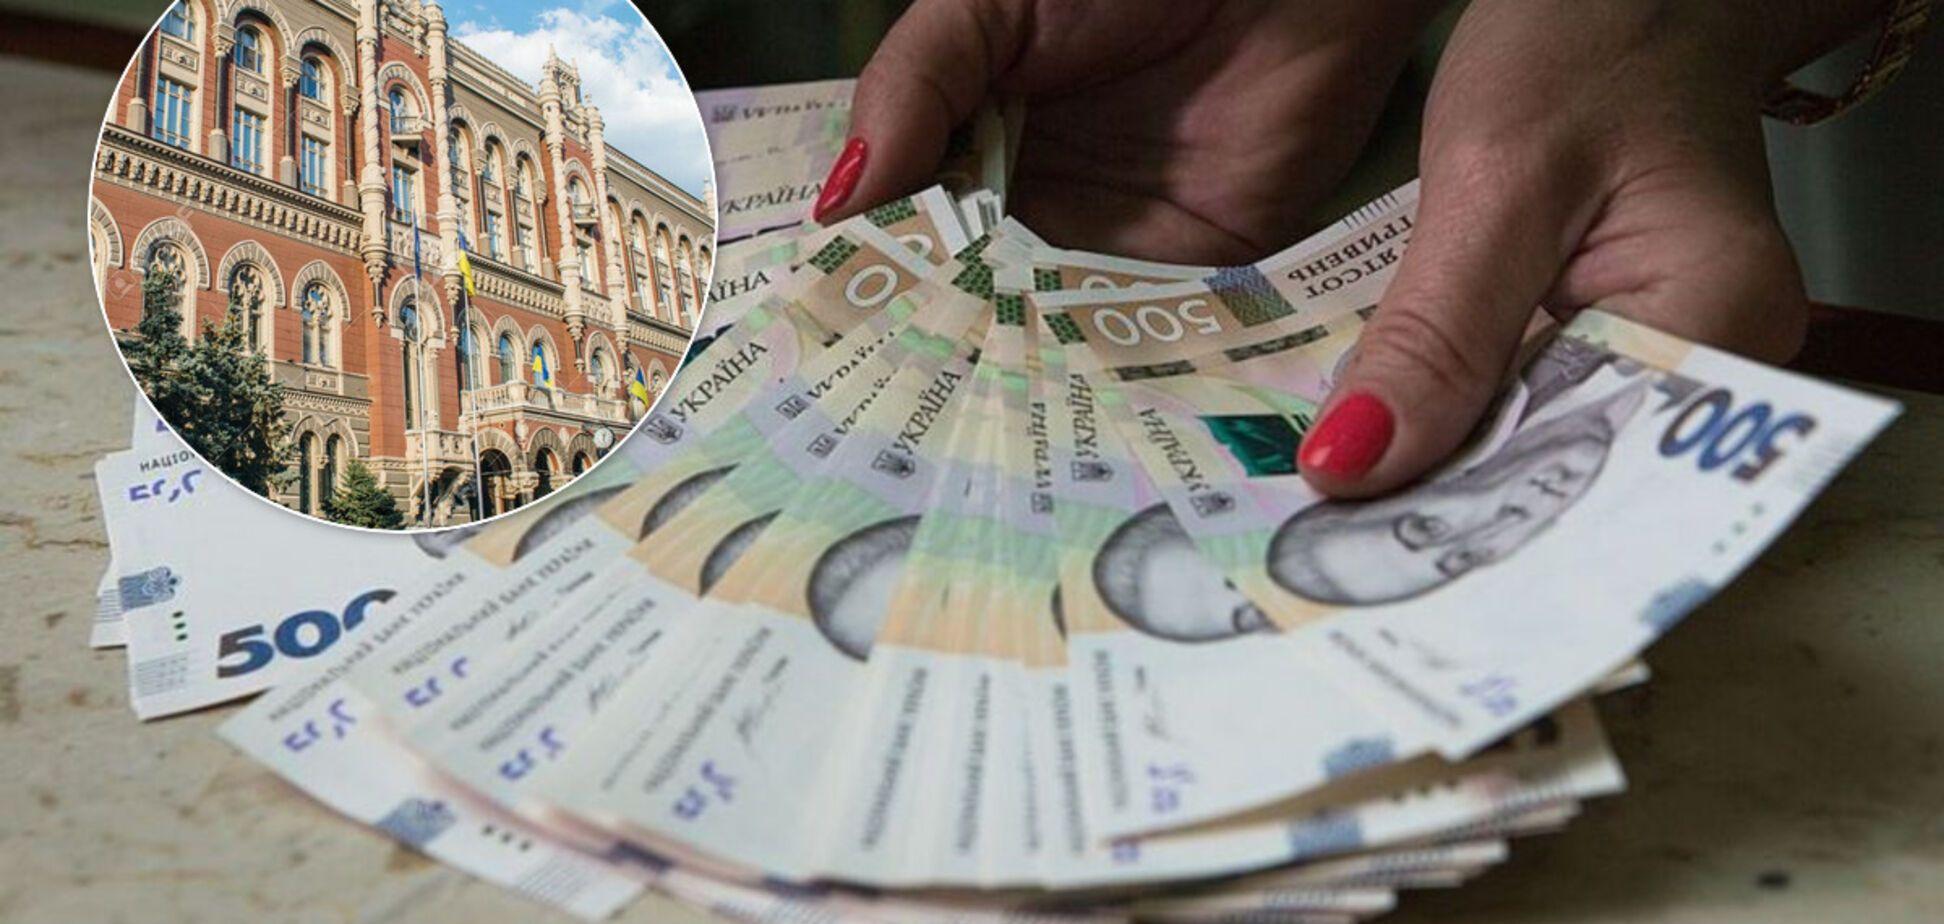 Украинцы будут меньше зарабатывать на депозитах: эксперты назвали новые ставки